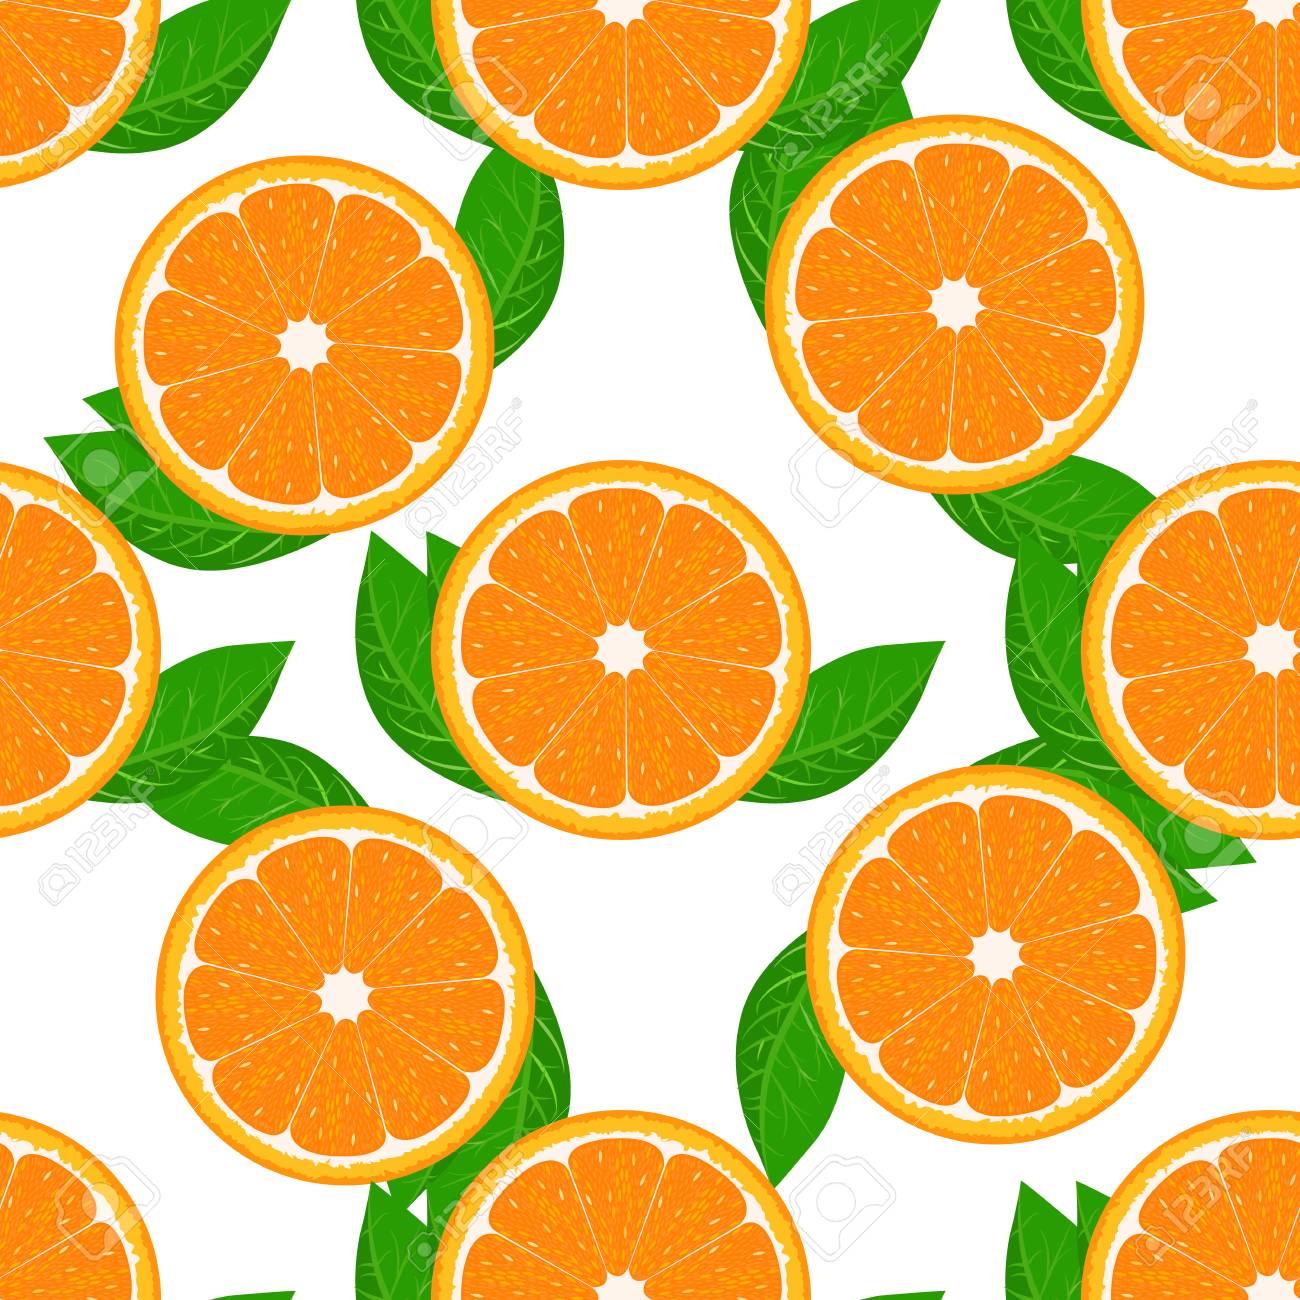 Orange fruit seamless with leaf. High detailed sliced oranges. Flat and solid color Vector Illustration. - 127057659